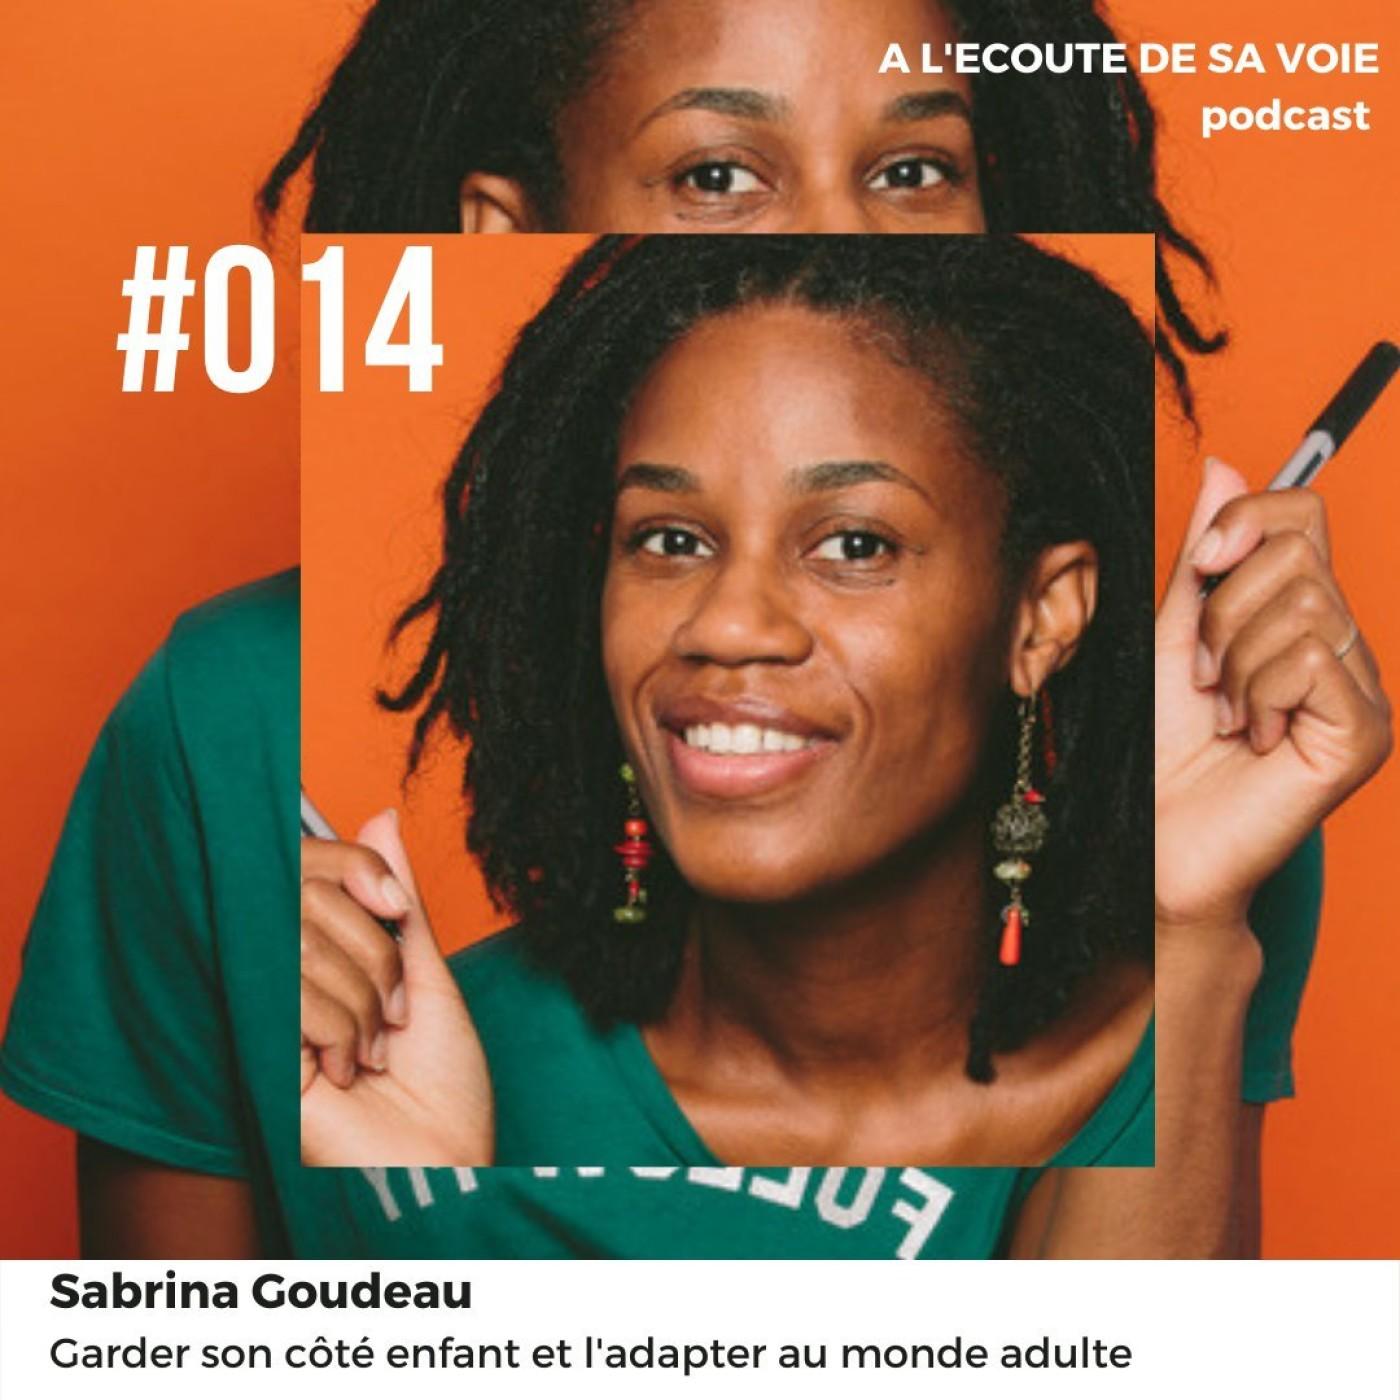 #014 Sabrina Goudeau - Garder son côté enfant et l'adapter au monde adulte